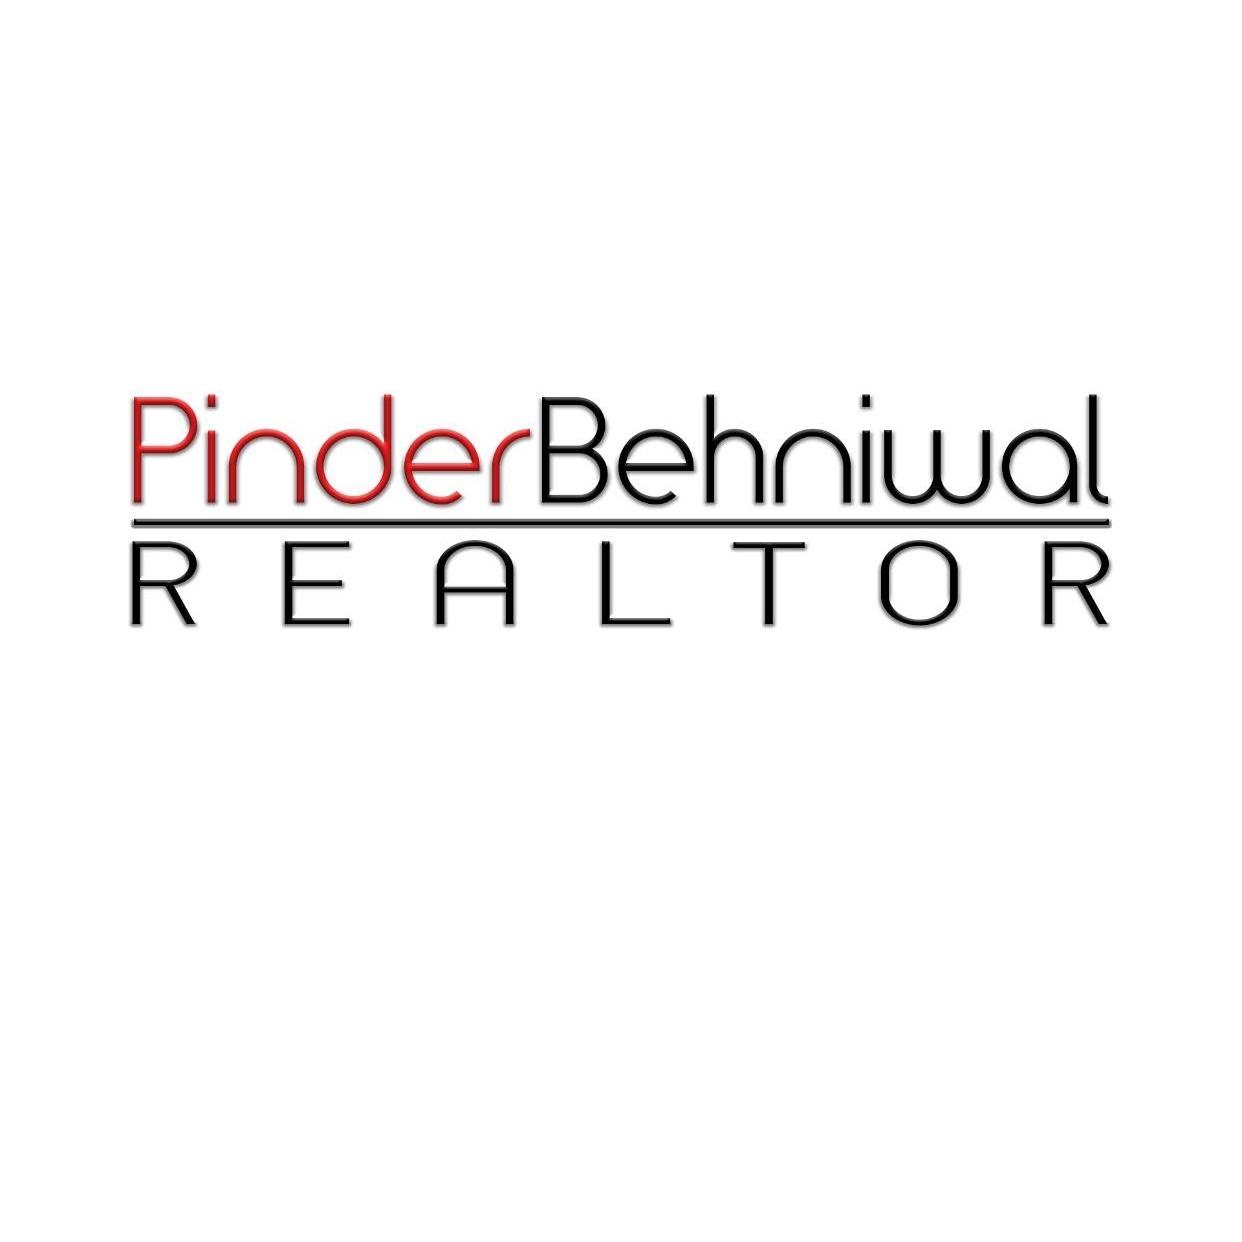 Pinder Behniwal Realtor at CENTURY 21 Tobias Real Estate